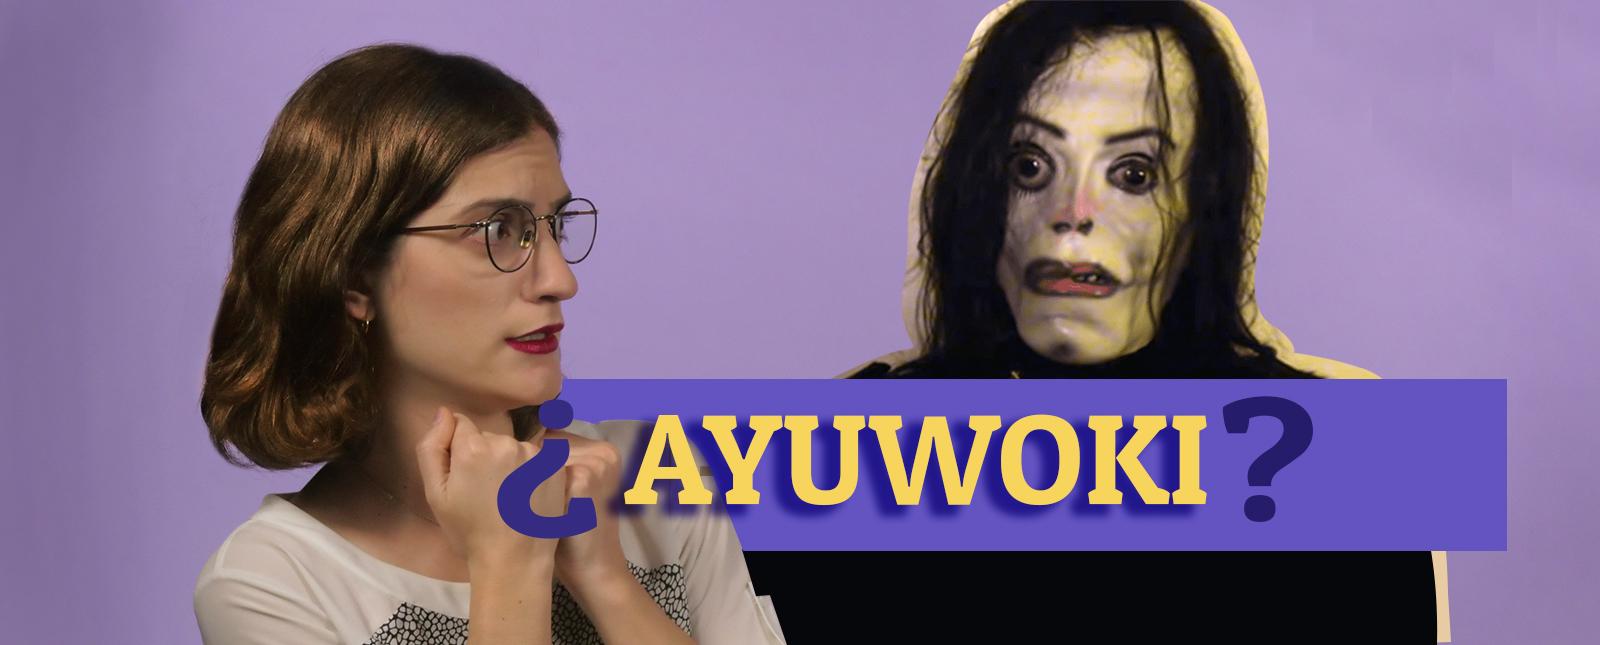 """¿De dónde salió """"EL AYUWOKI""""? (Ep. 71)"""